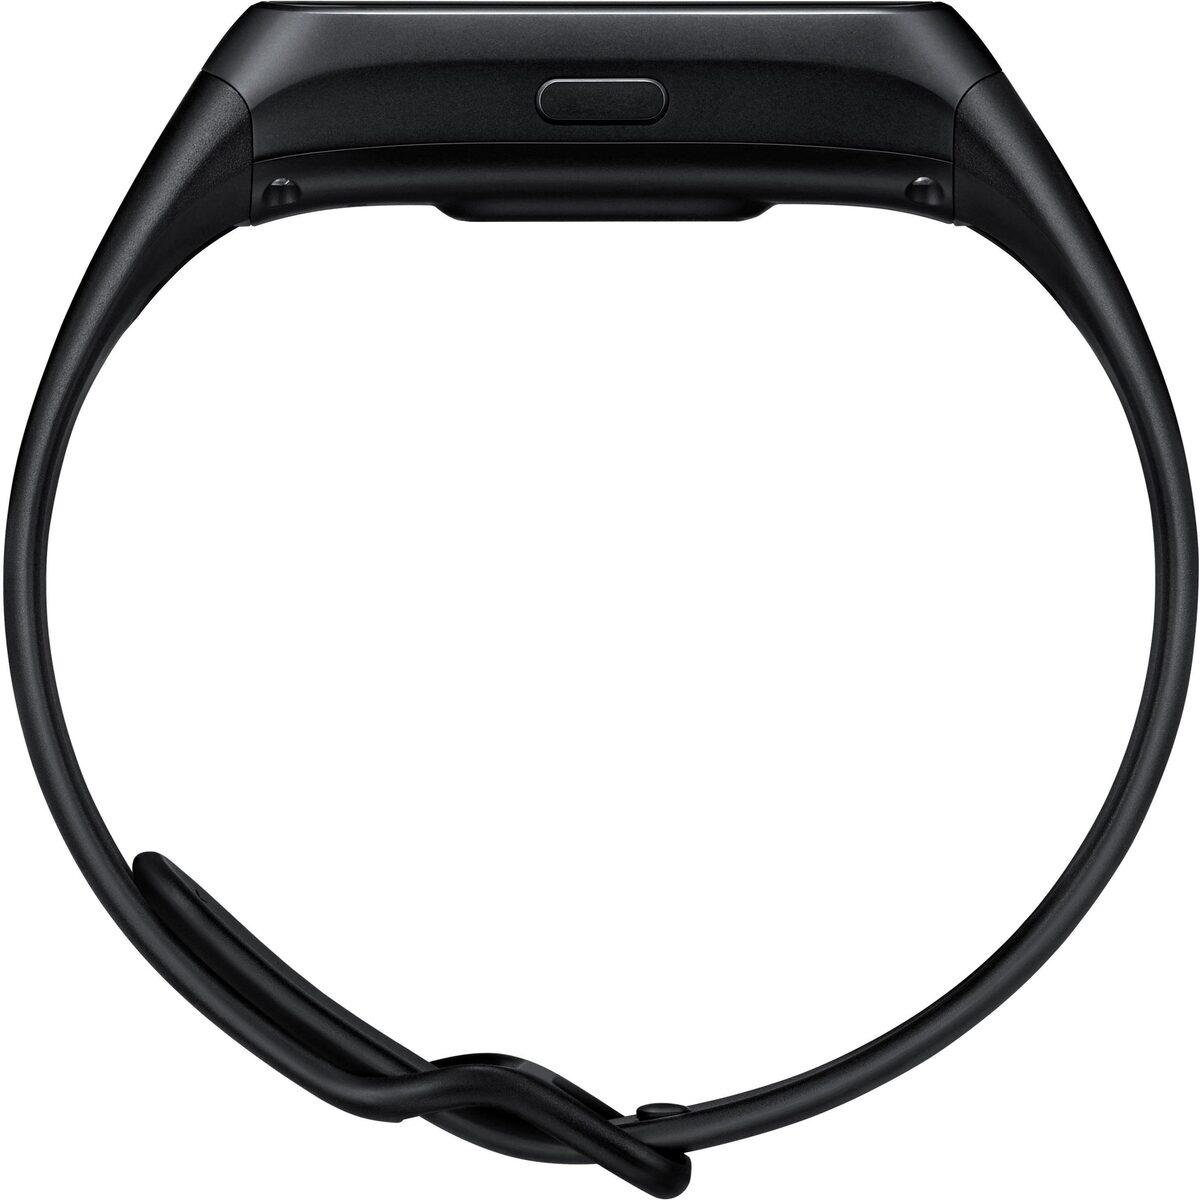 Bild 4 von Samsung Galaxy Fit SM-R370 Fitnessband (2,41 cm/0,95 Zoll)